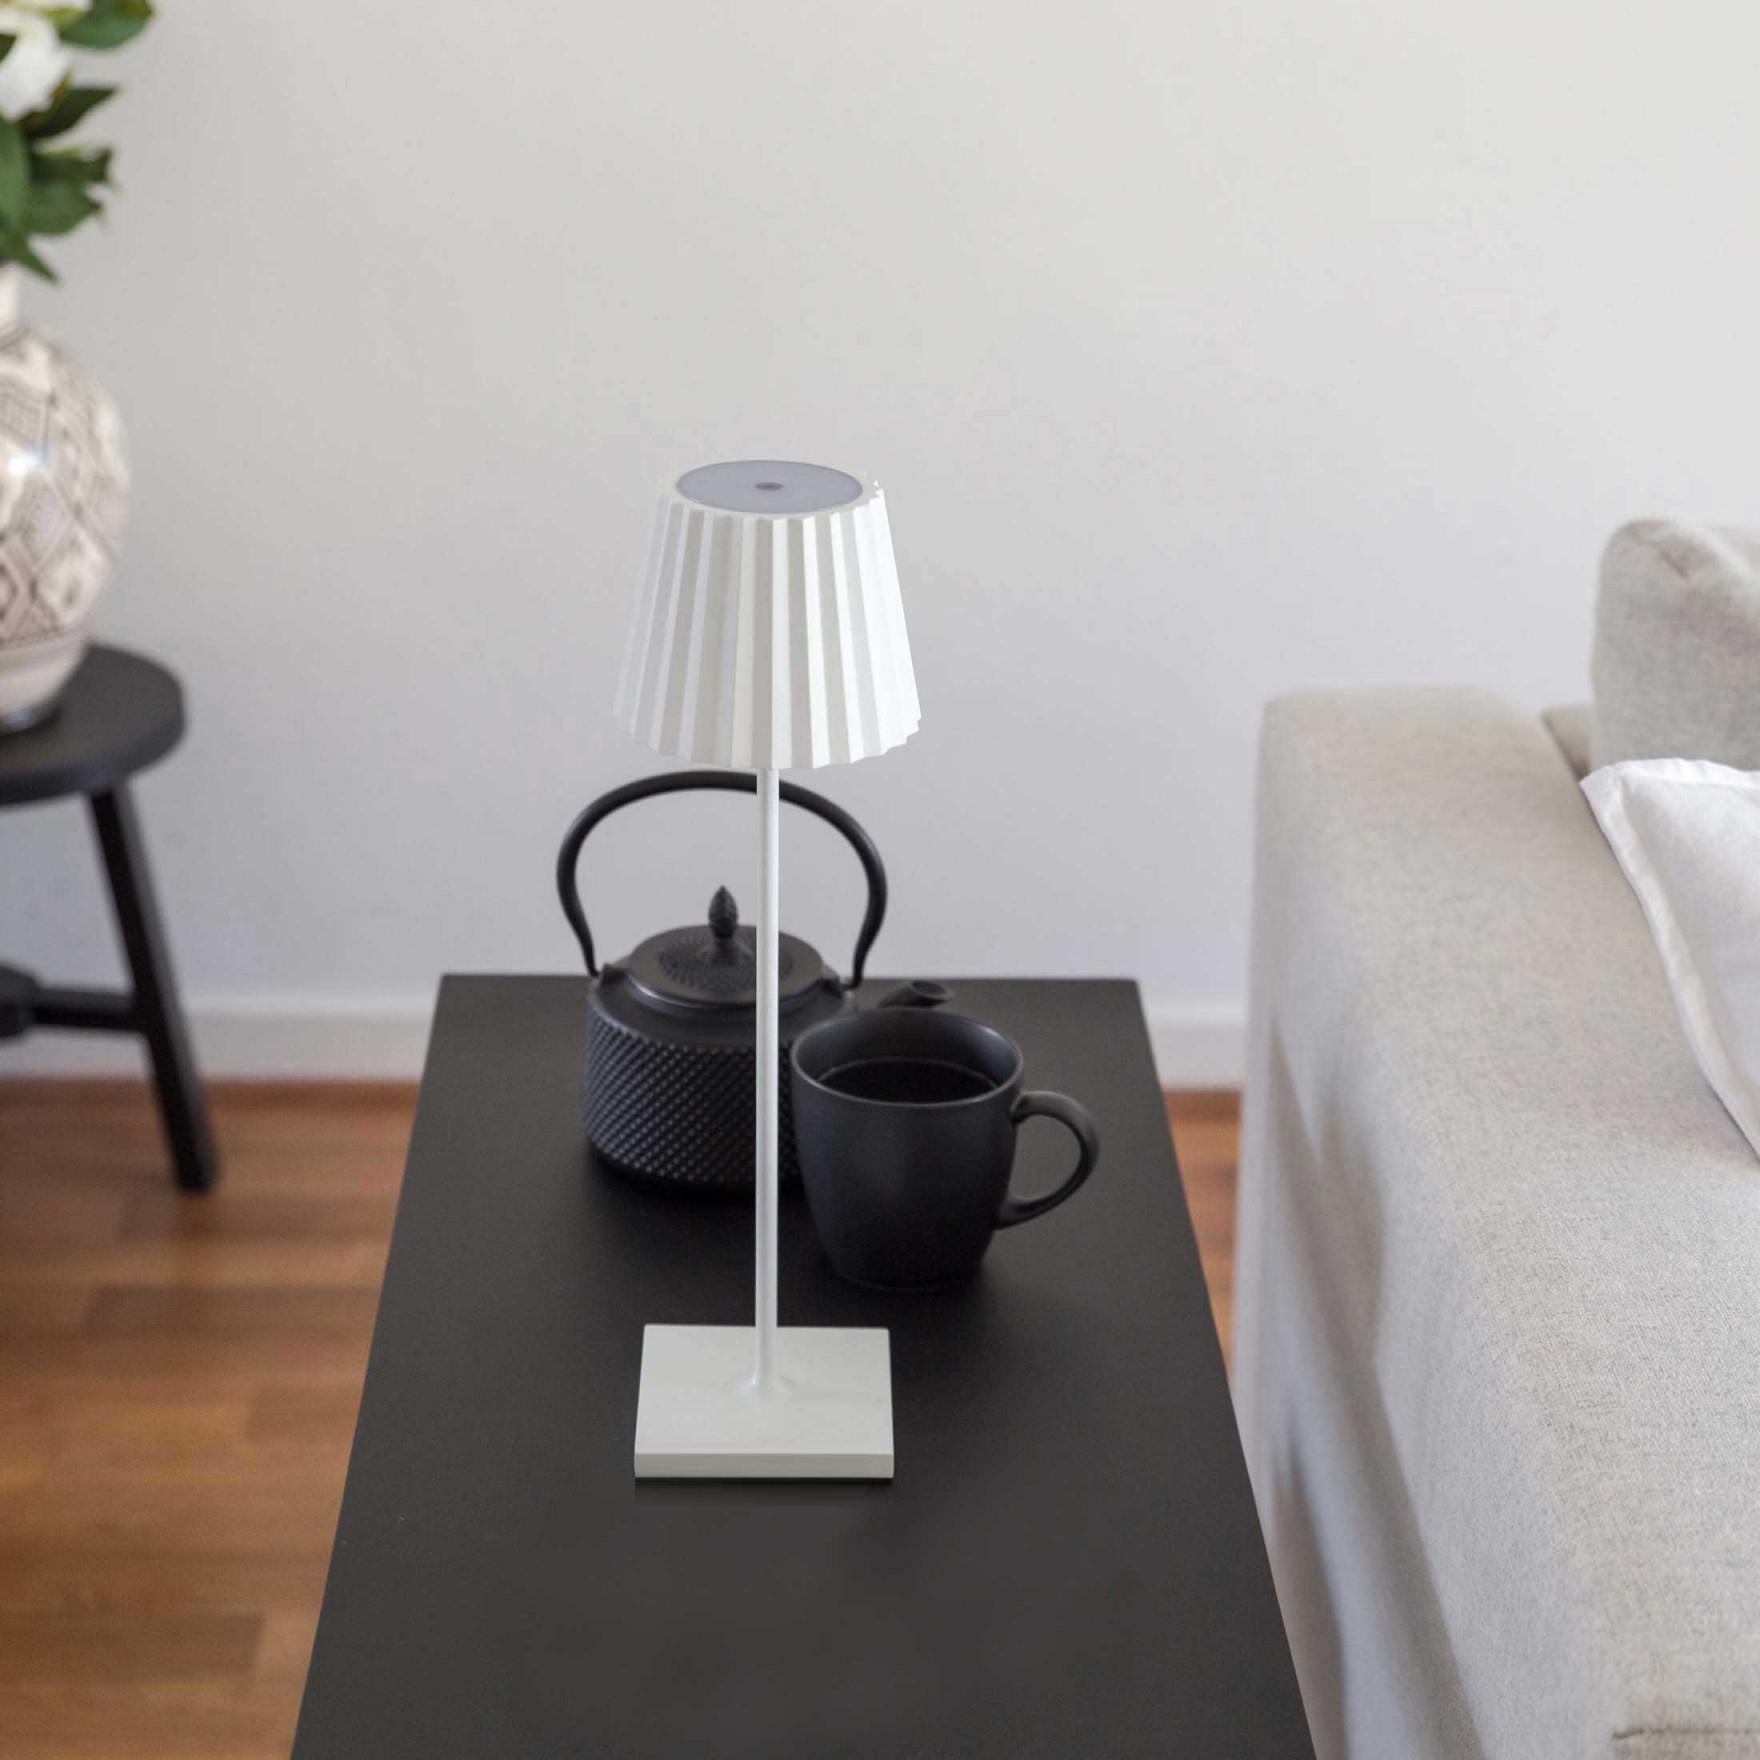 """Tischlampe Mit Akku """"white""""  Weisse Led Lampe  Sicherheit von Akku Lampe Wohnzimmer Bild"""